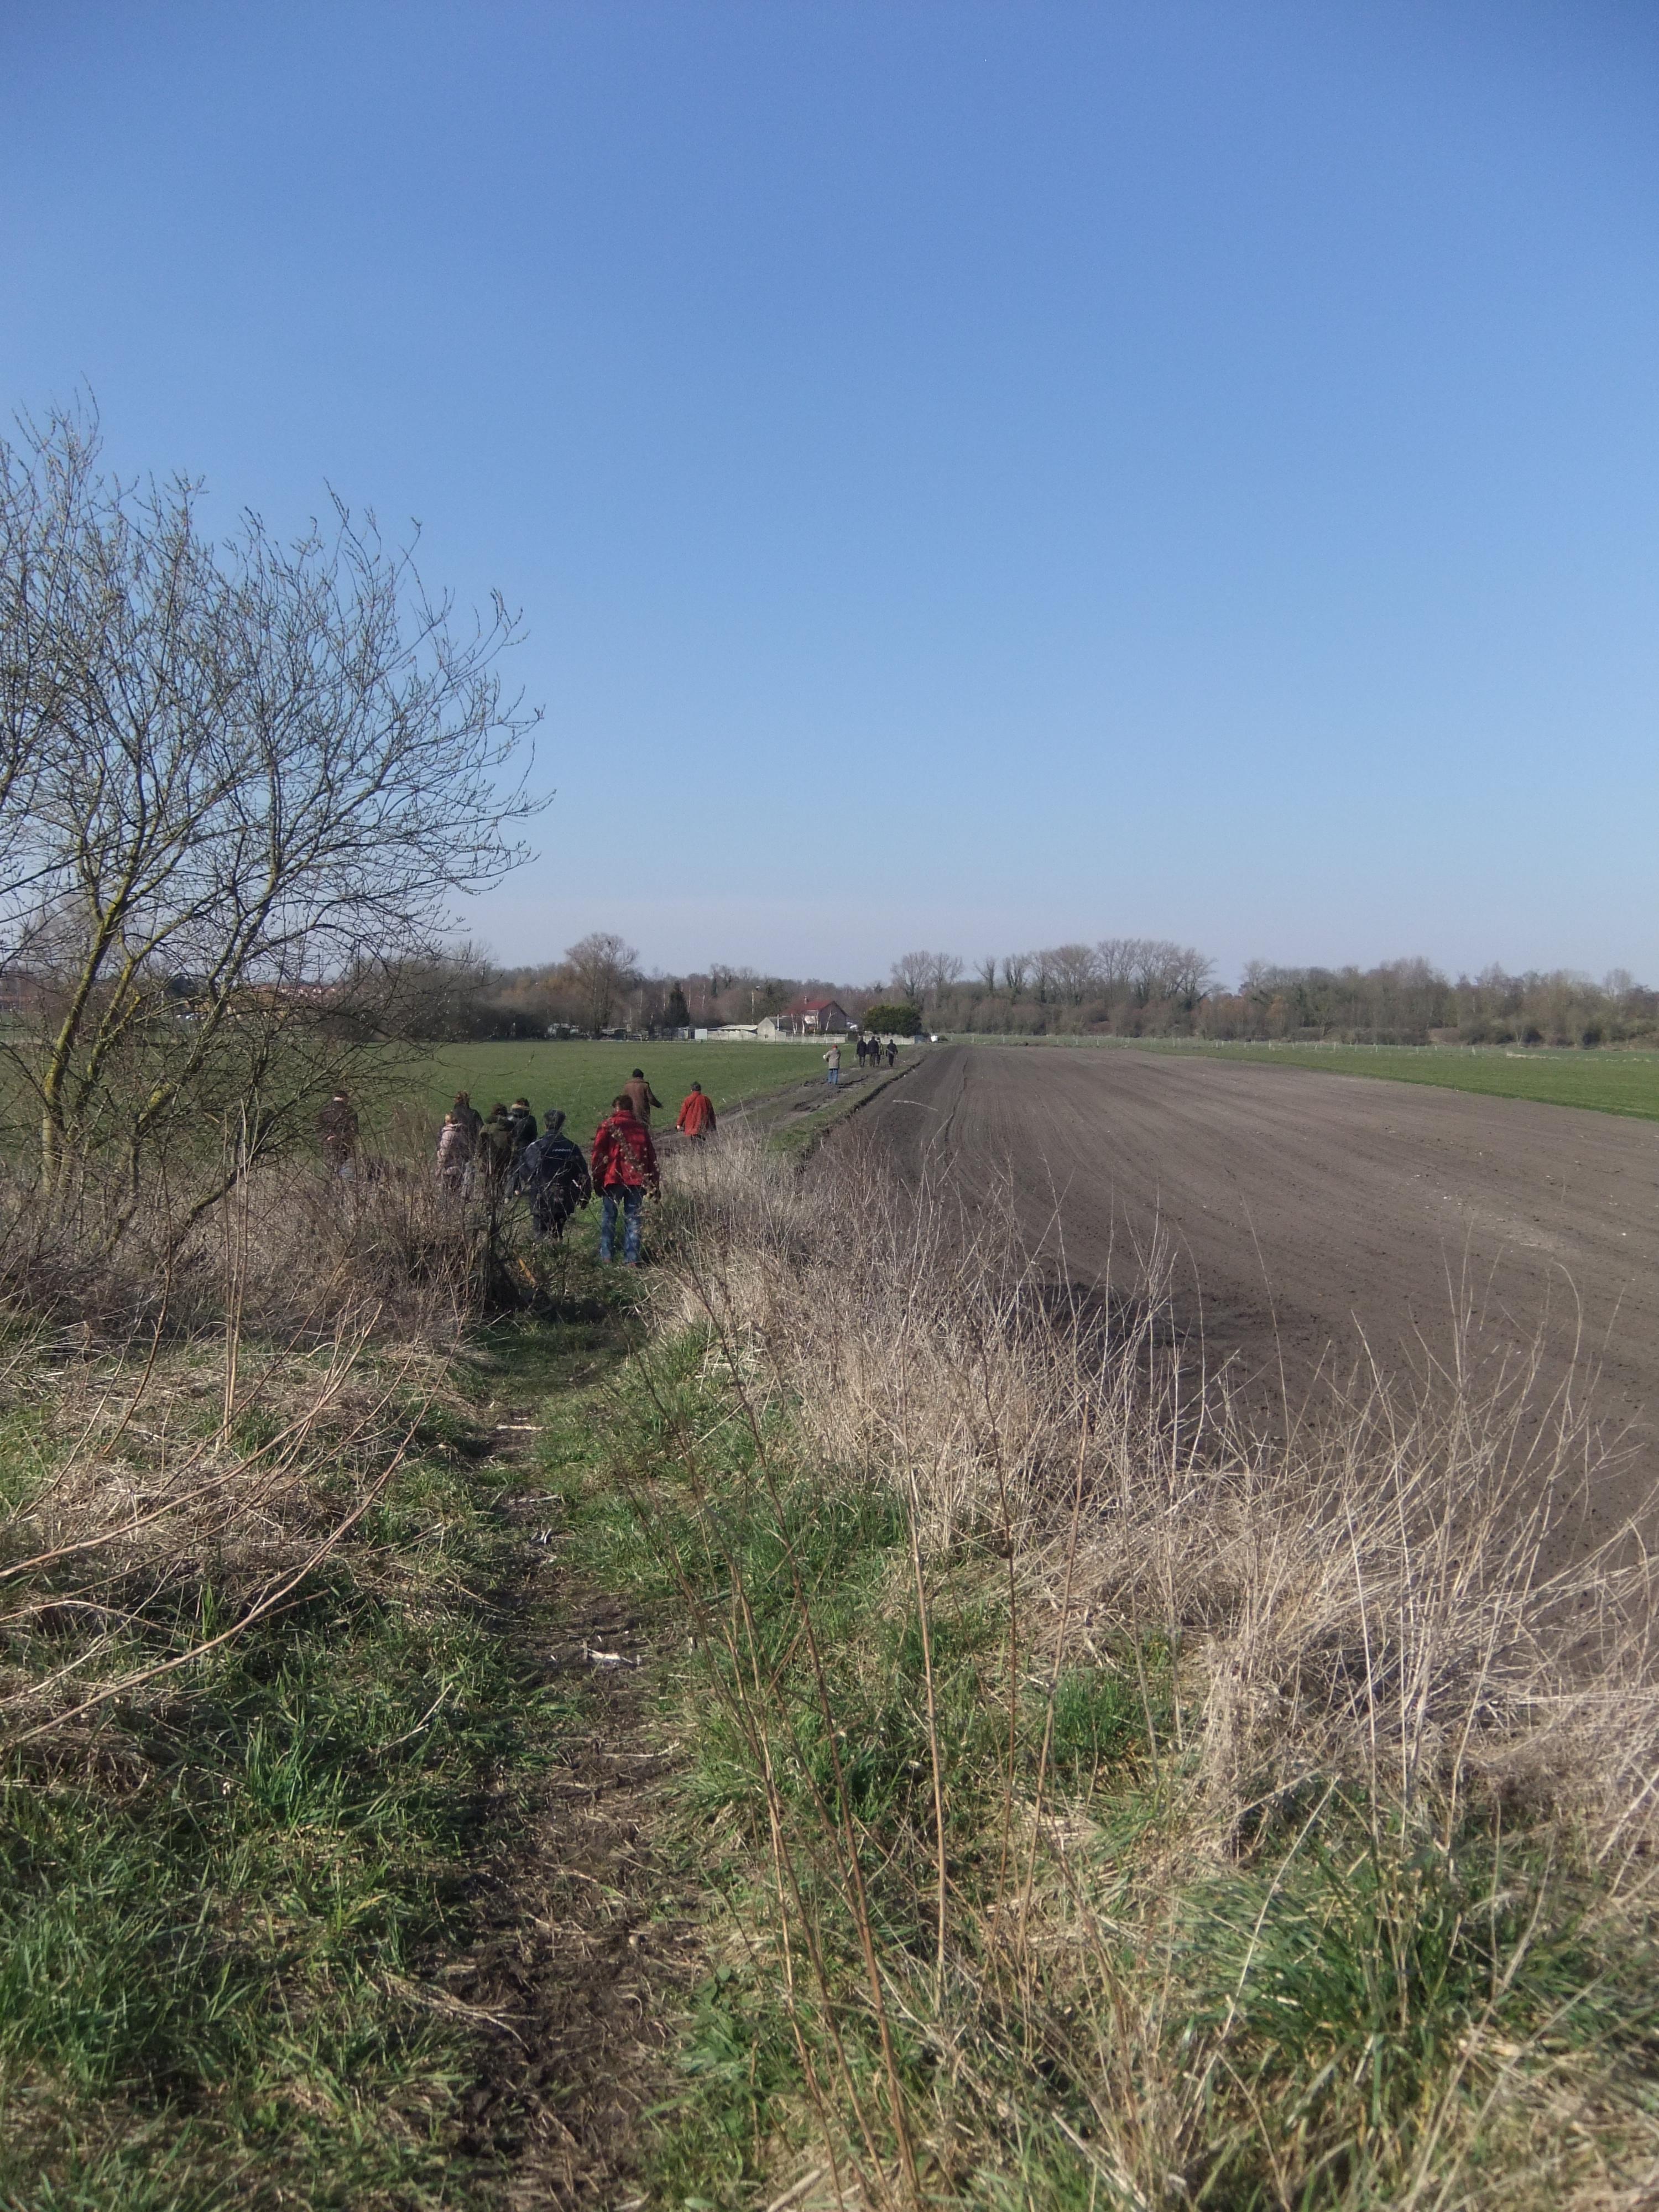 Dans les champs, les groupes s'égrènent au fil des conversations....